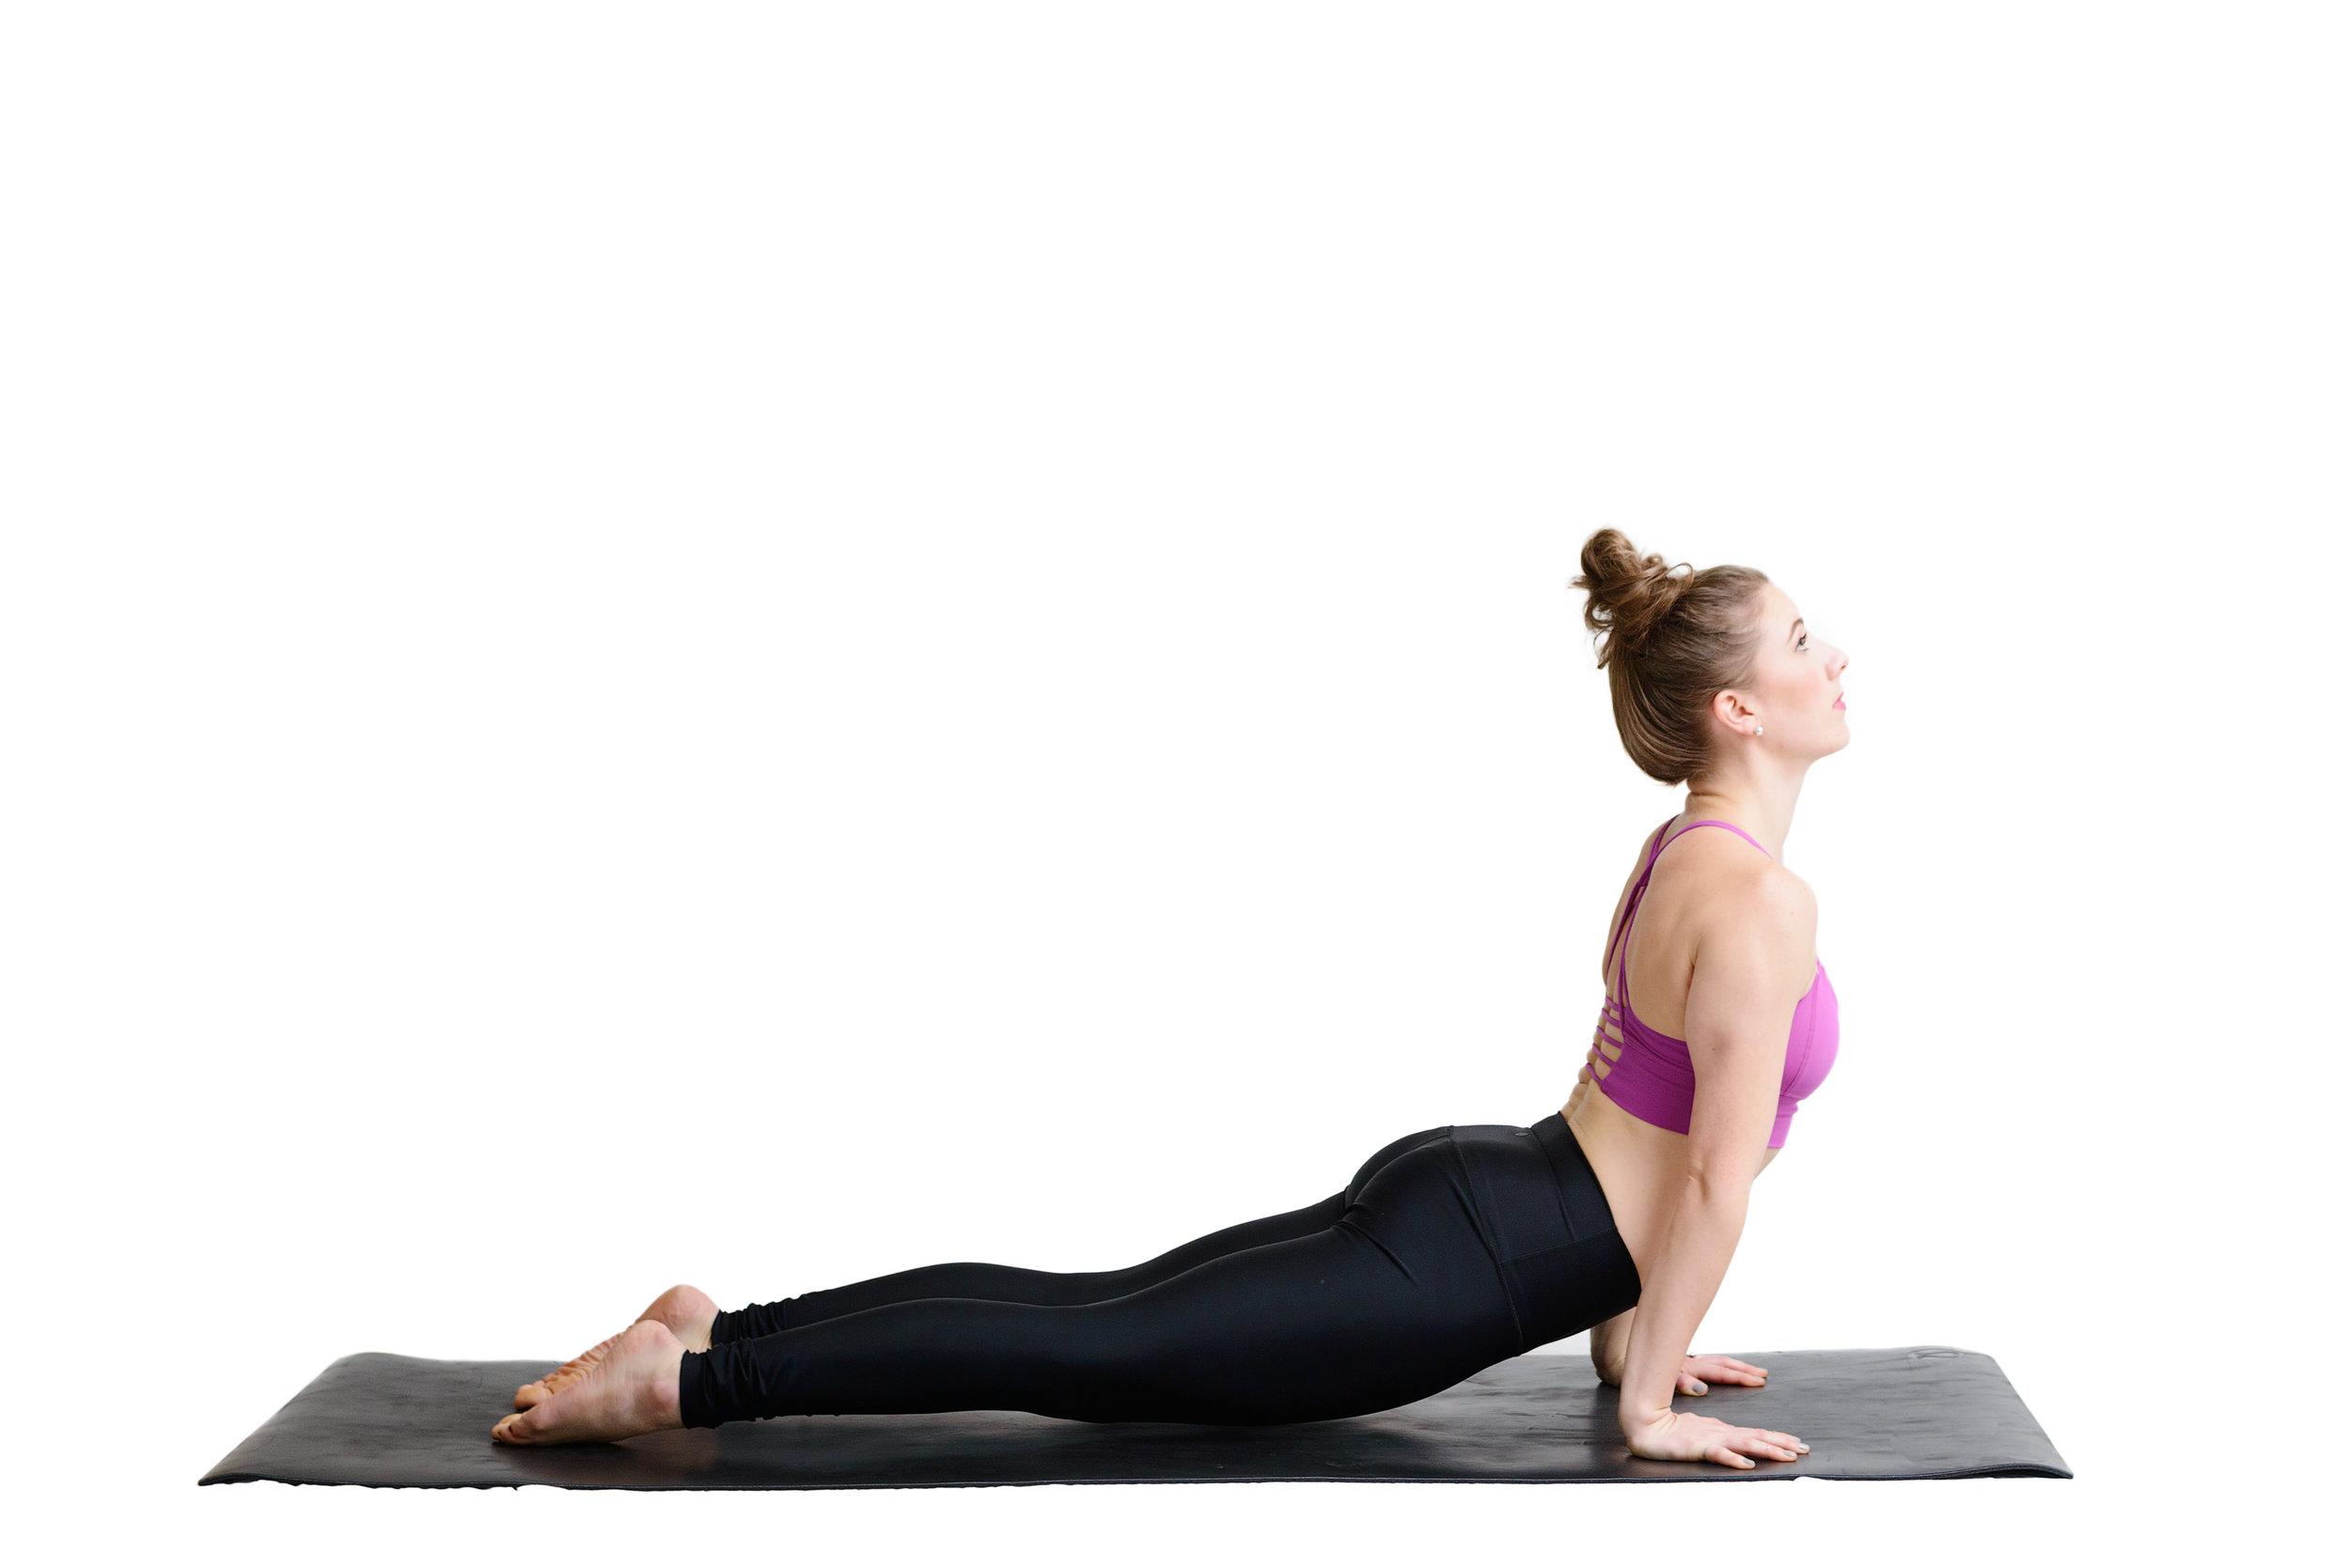 Jovette_PT&Yoga_007.jpg